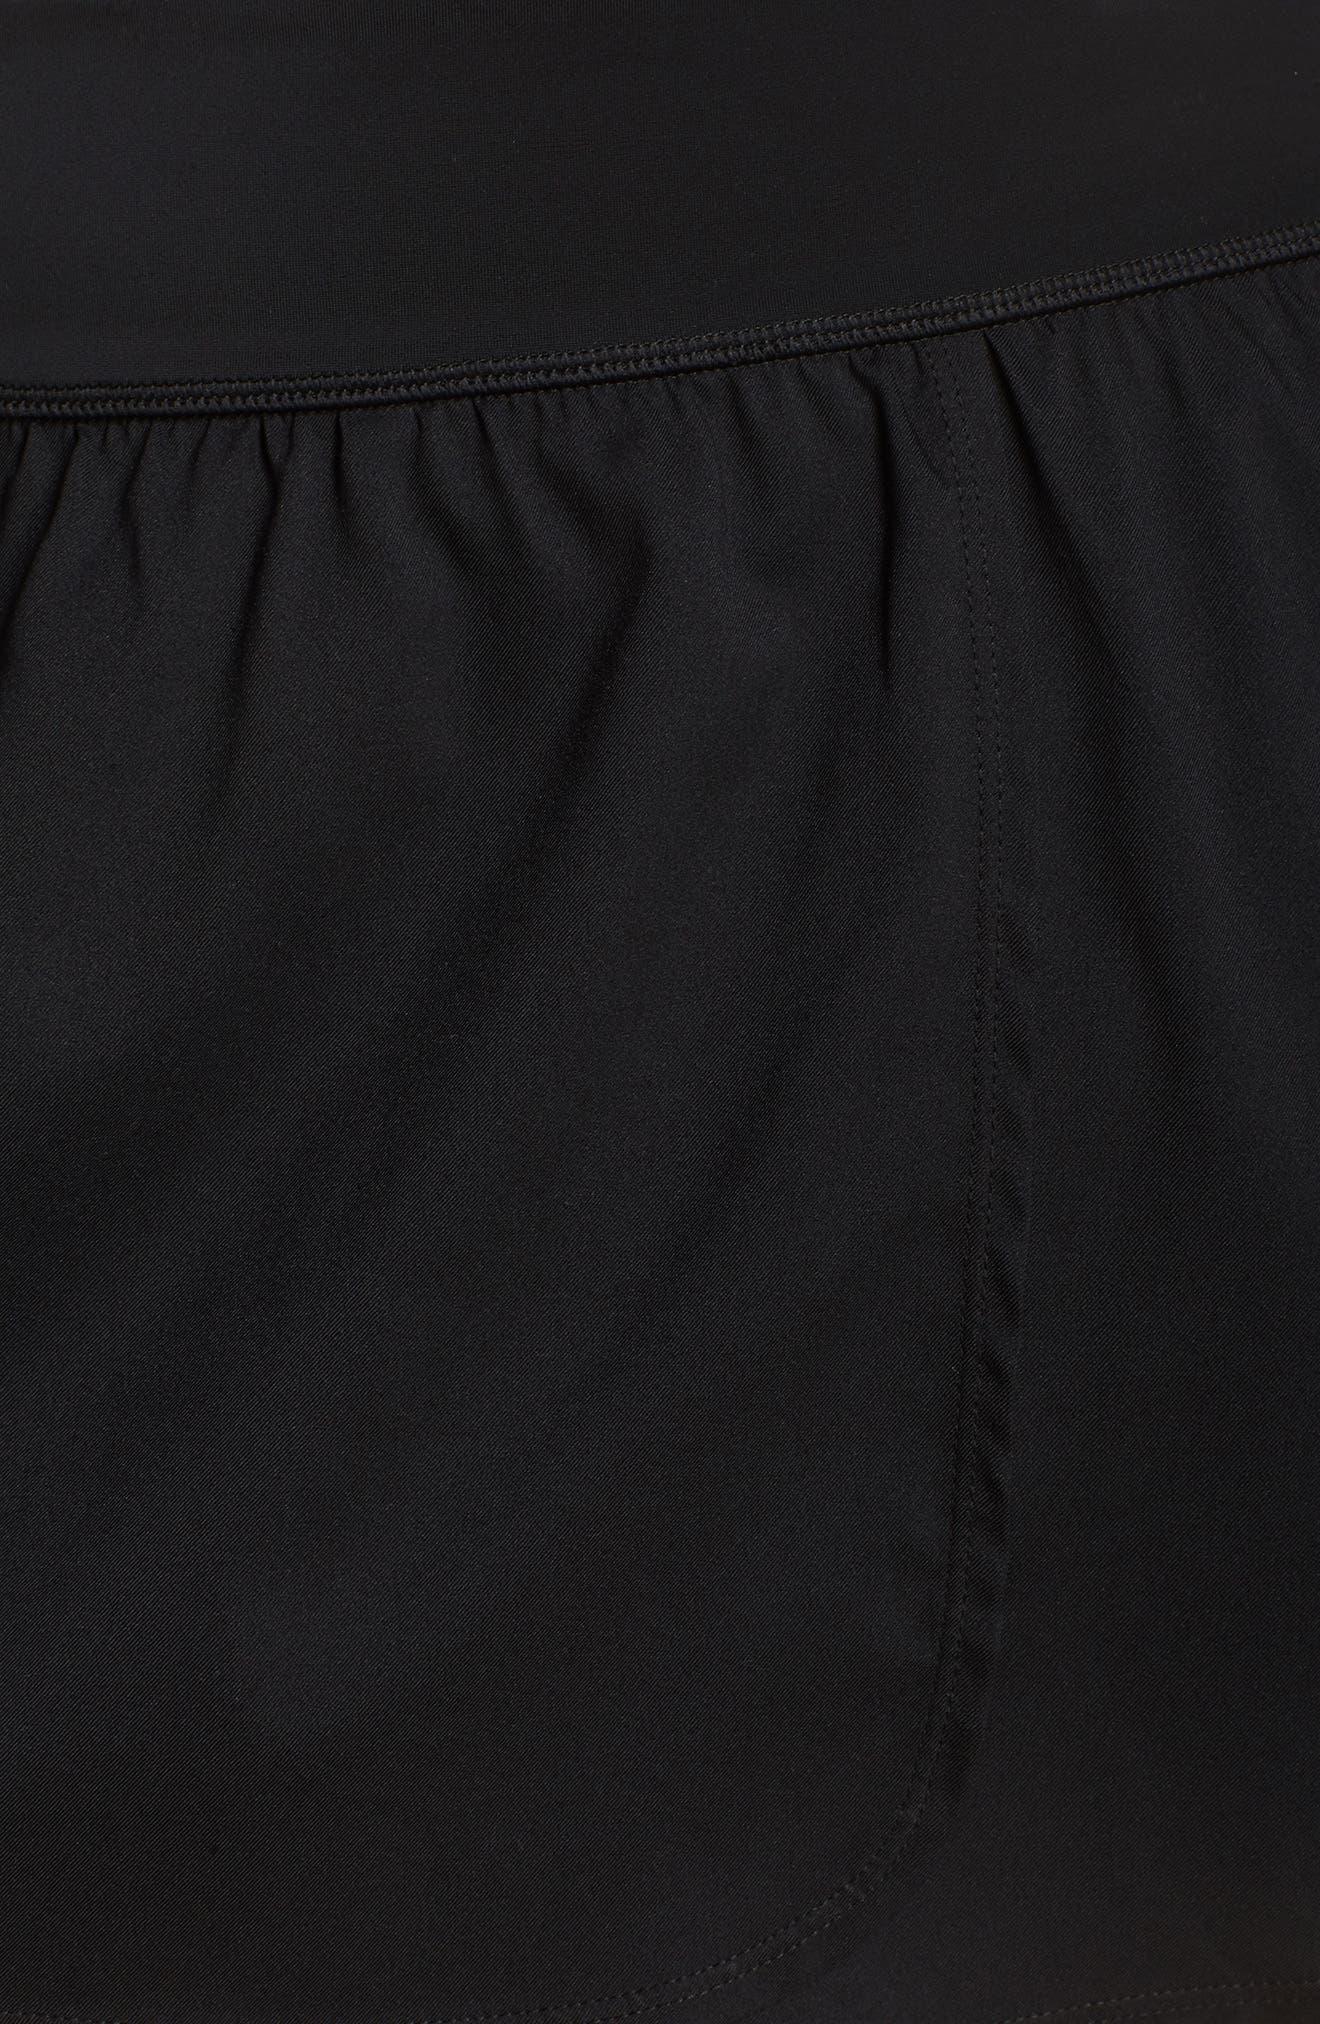 Swim Board Skirt,                             Alternate thumbnail 5, color,                             001